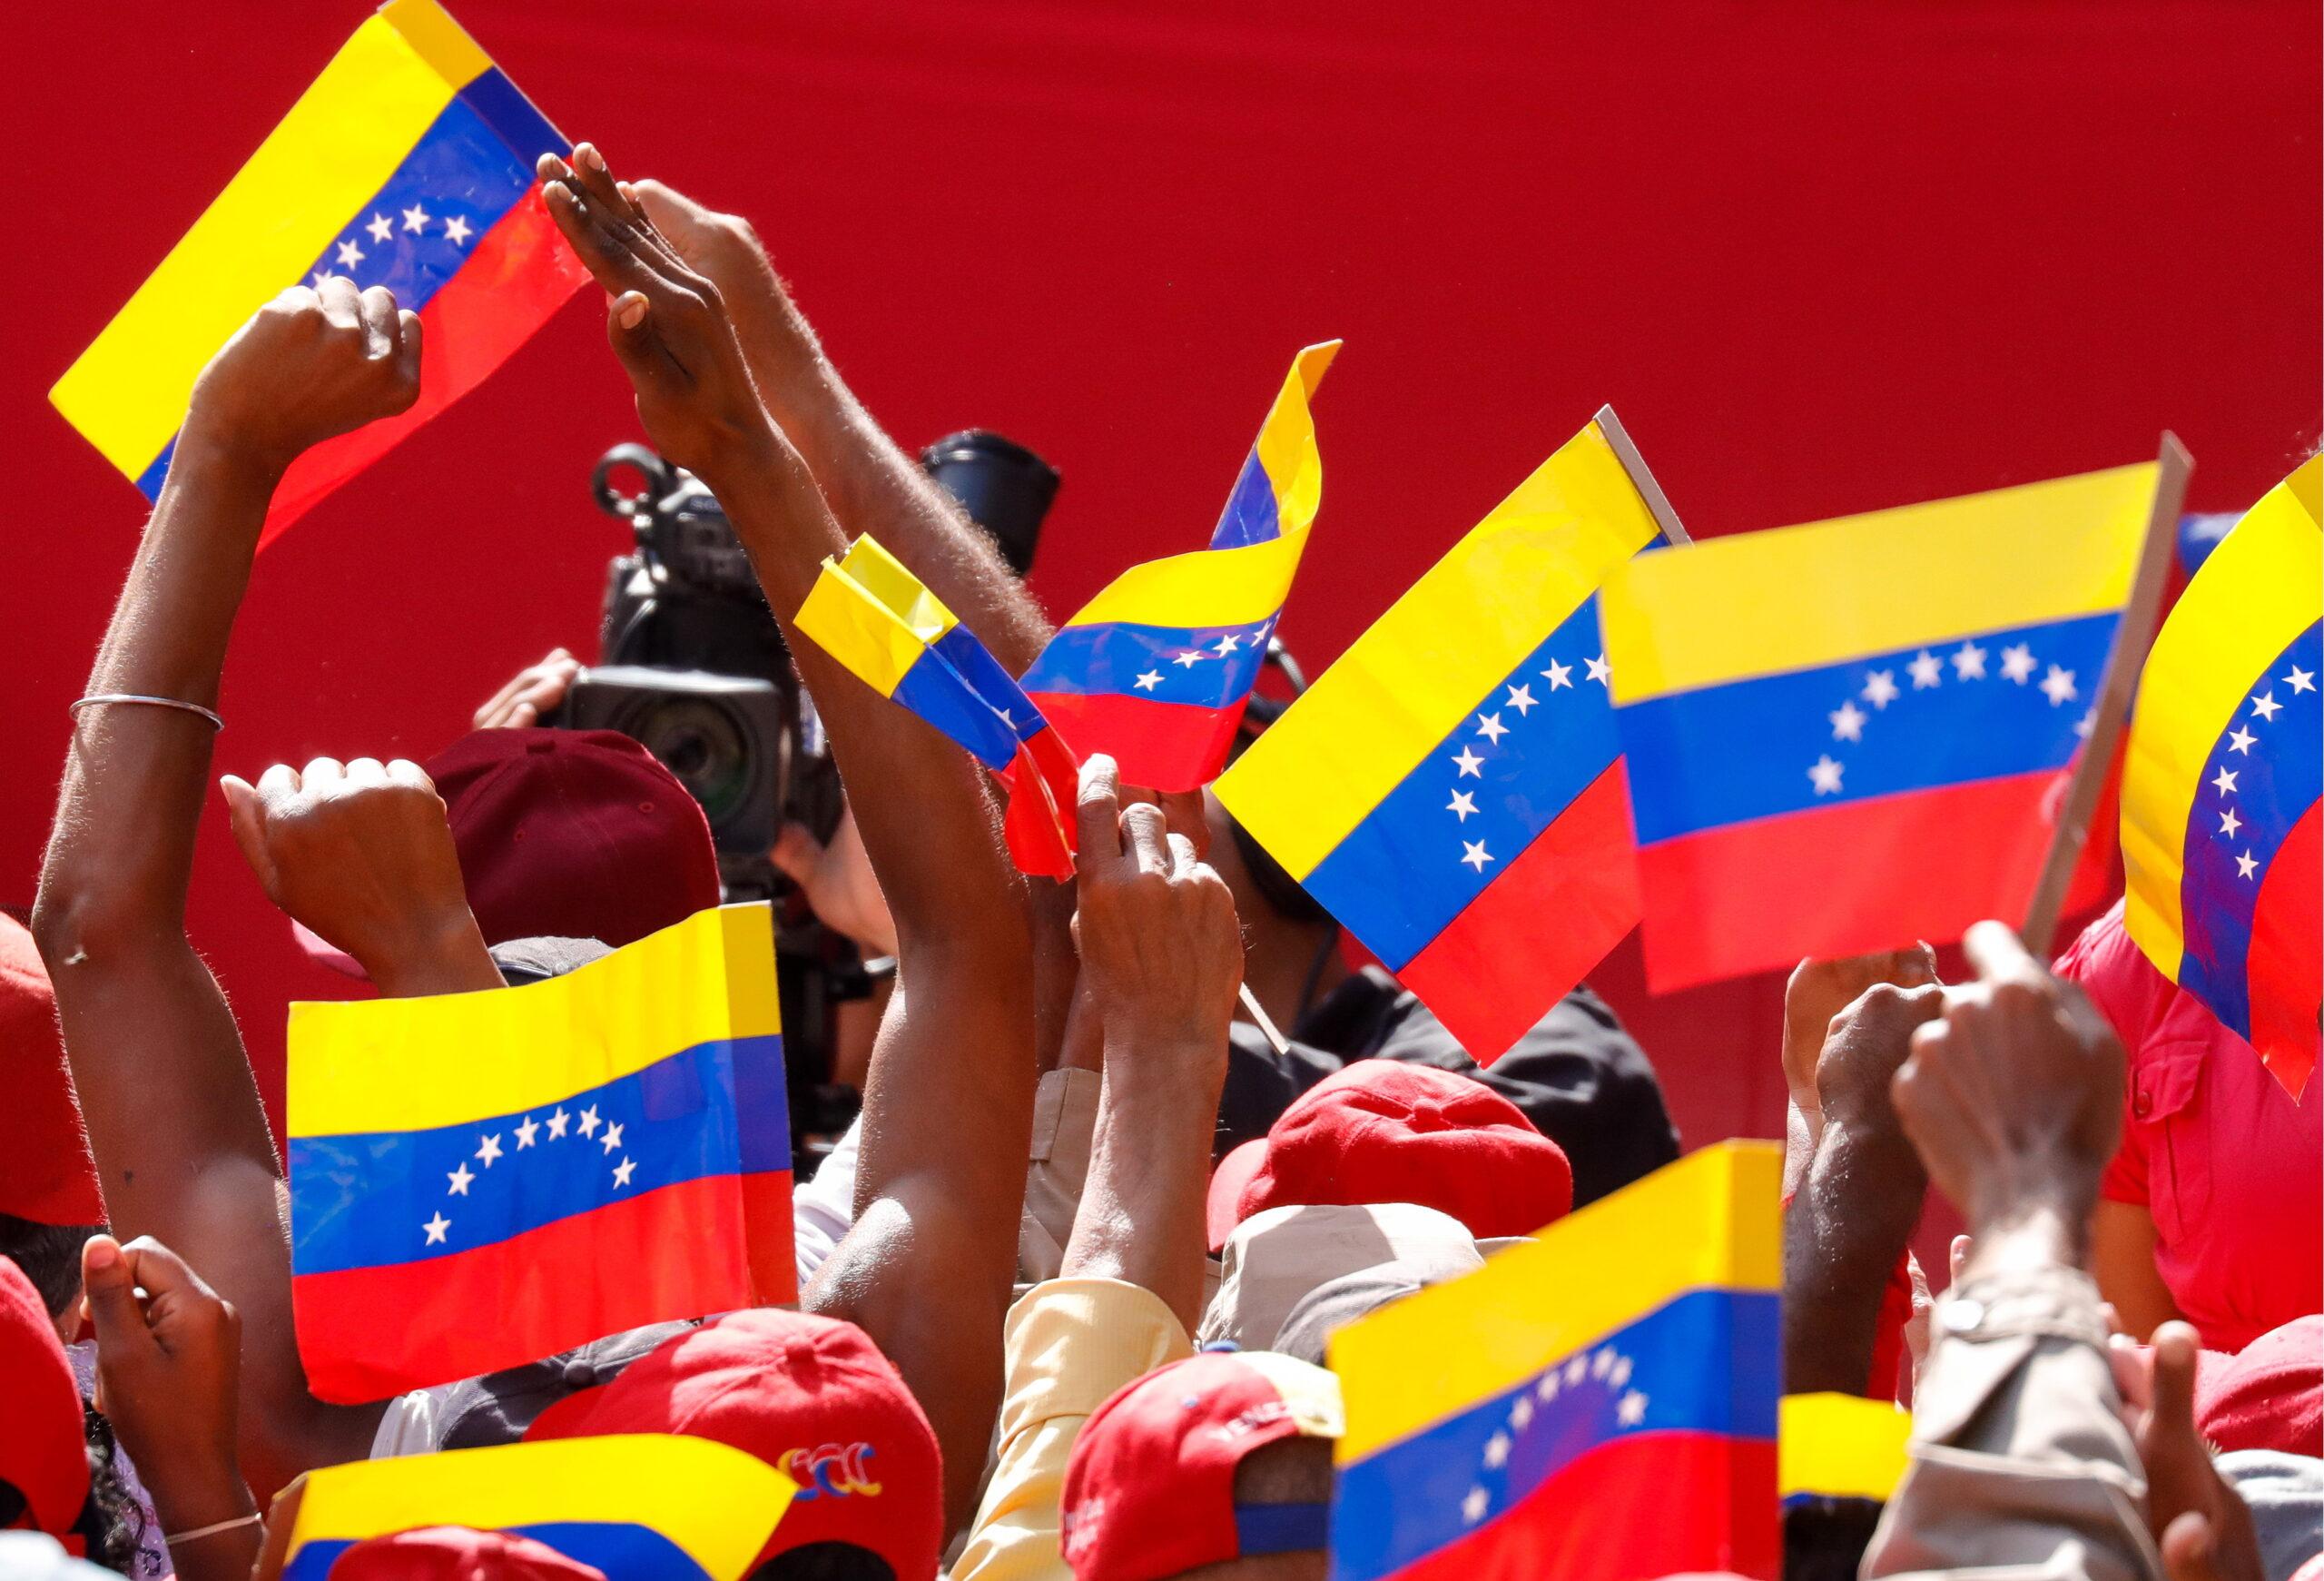 Les prémices d'une sortie de crise pour le Venezuela ?